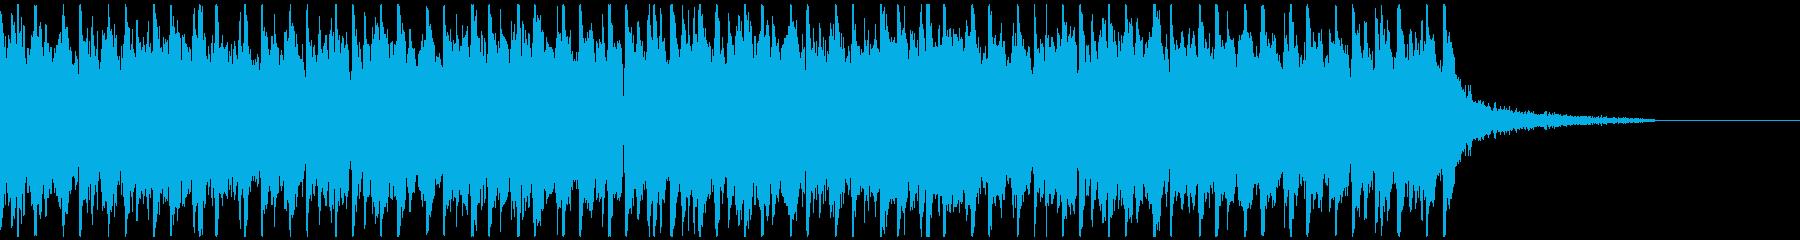 尺八メイン疾走感・激しい和風EDM30秒の再生済みの波形